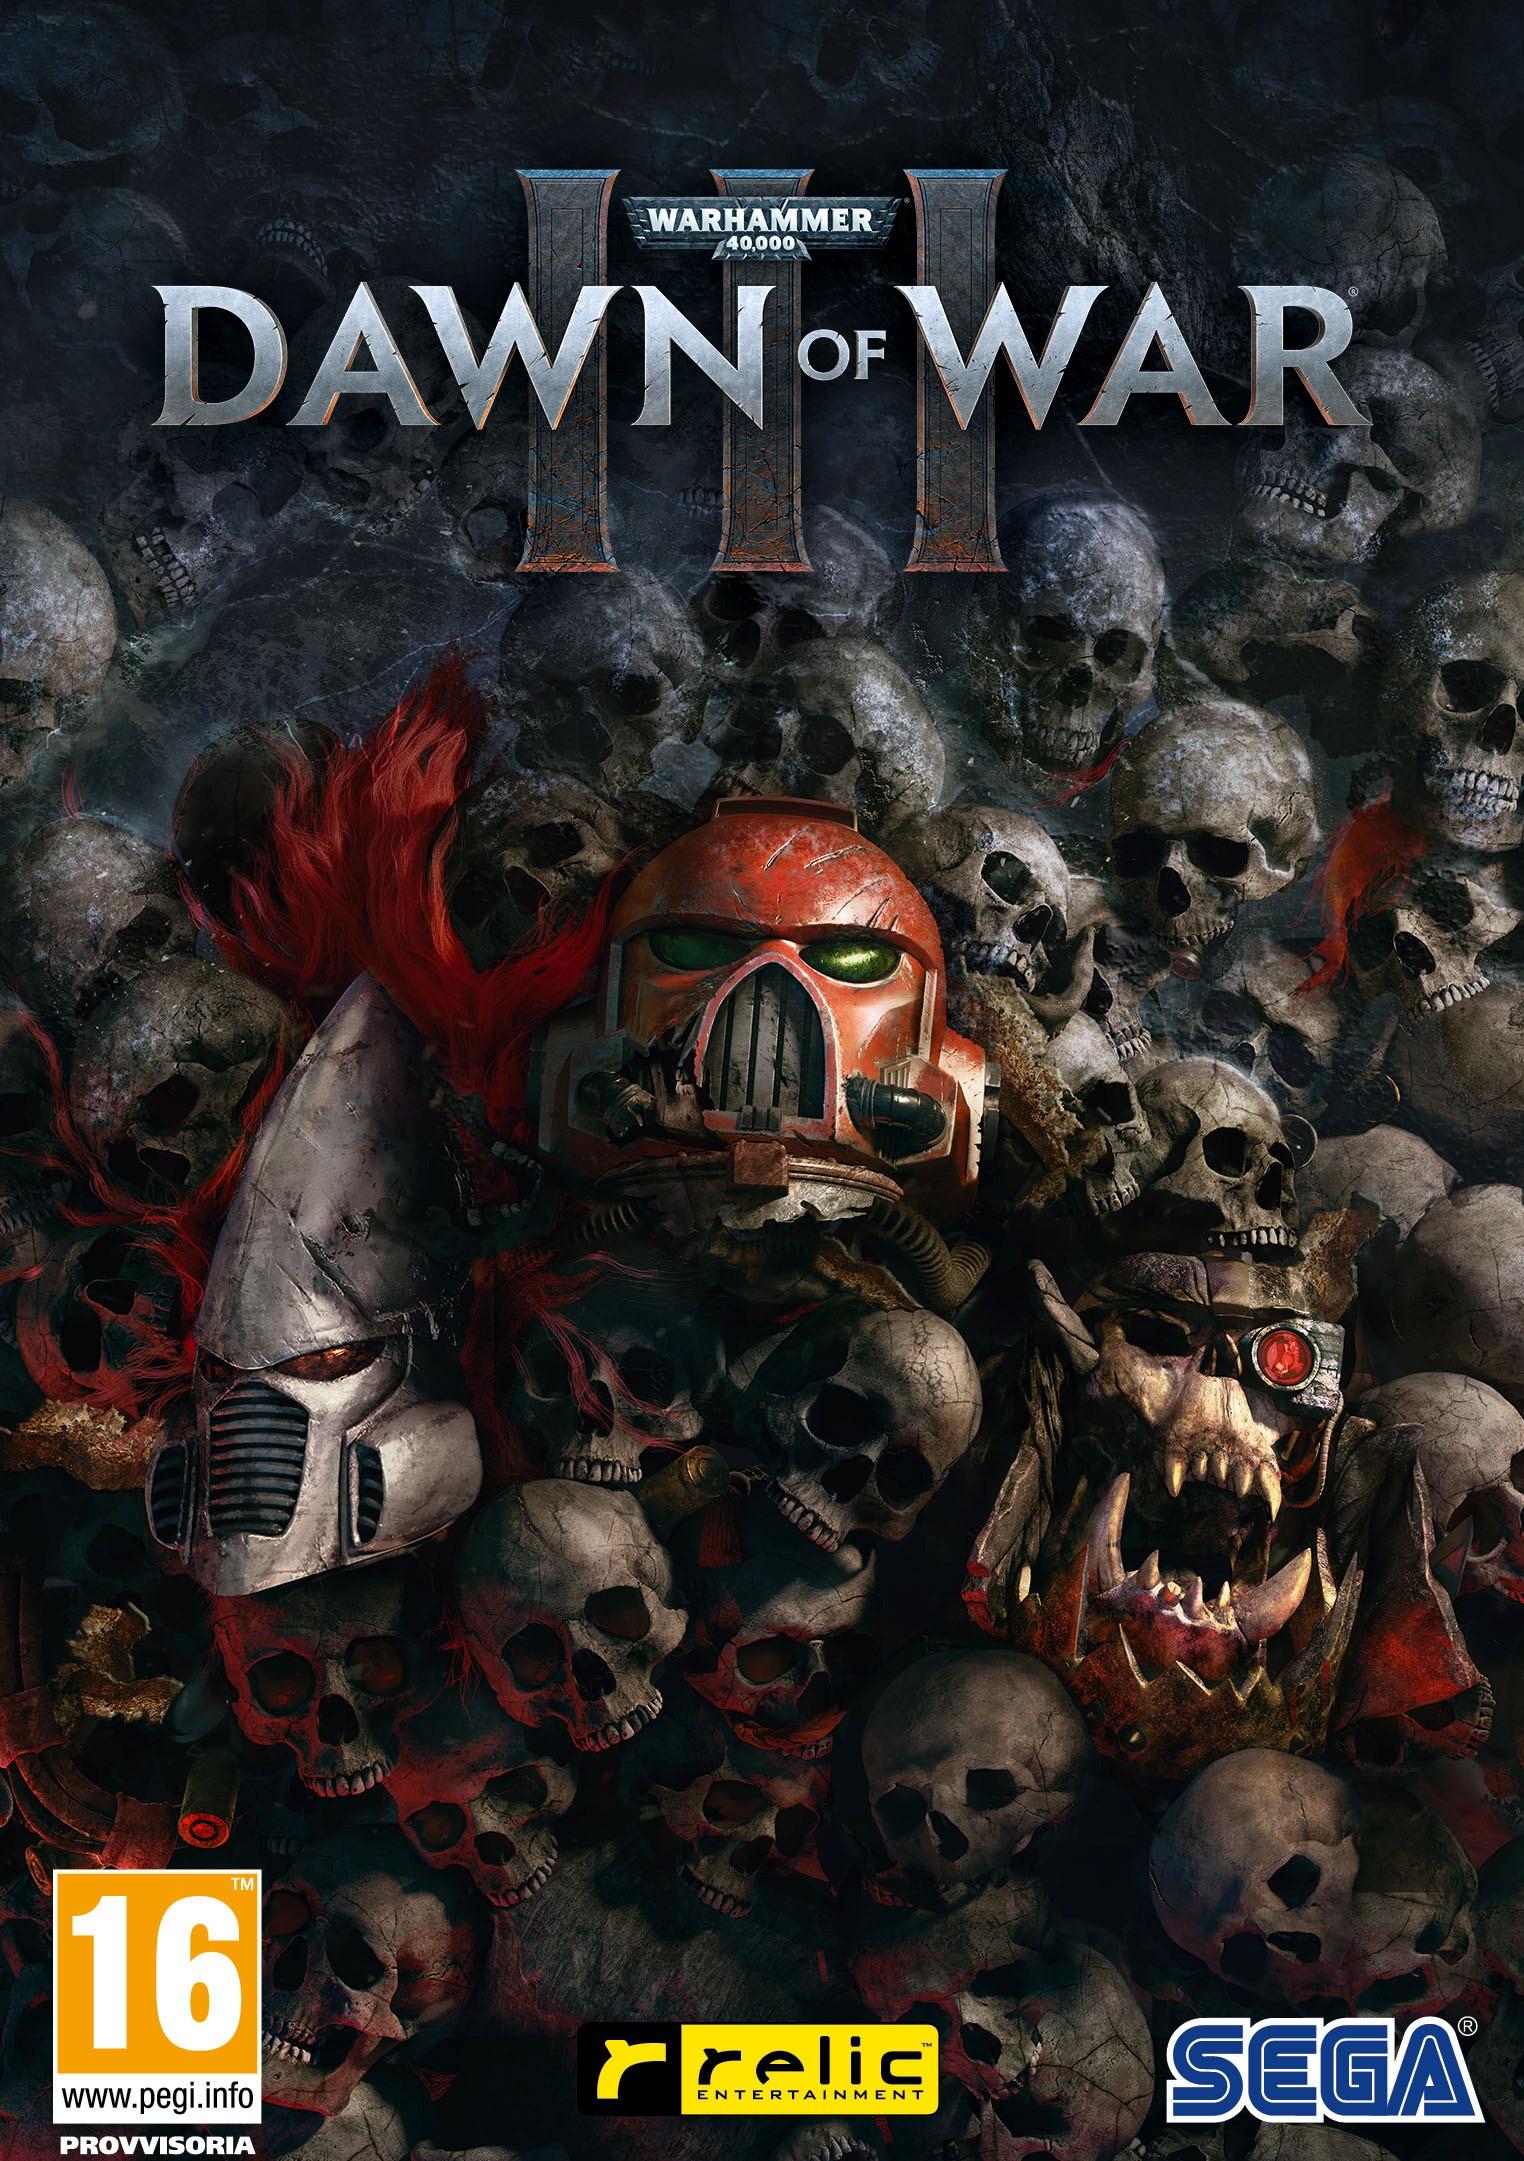 Warhammer dawn of war iii видео